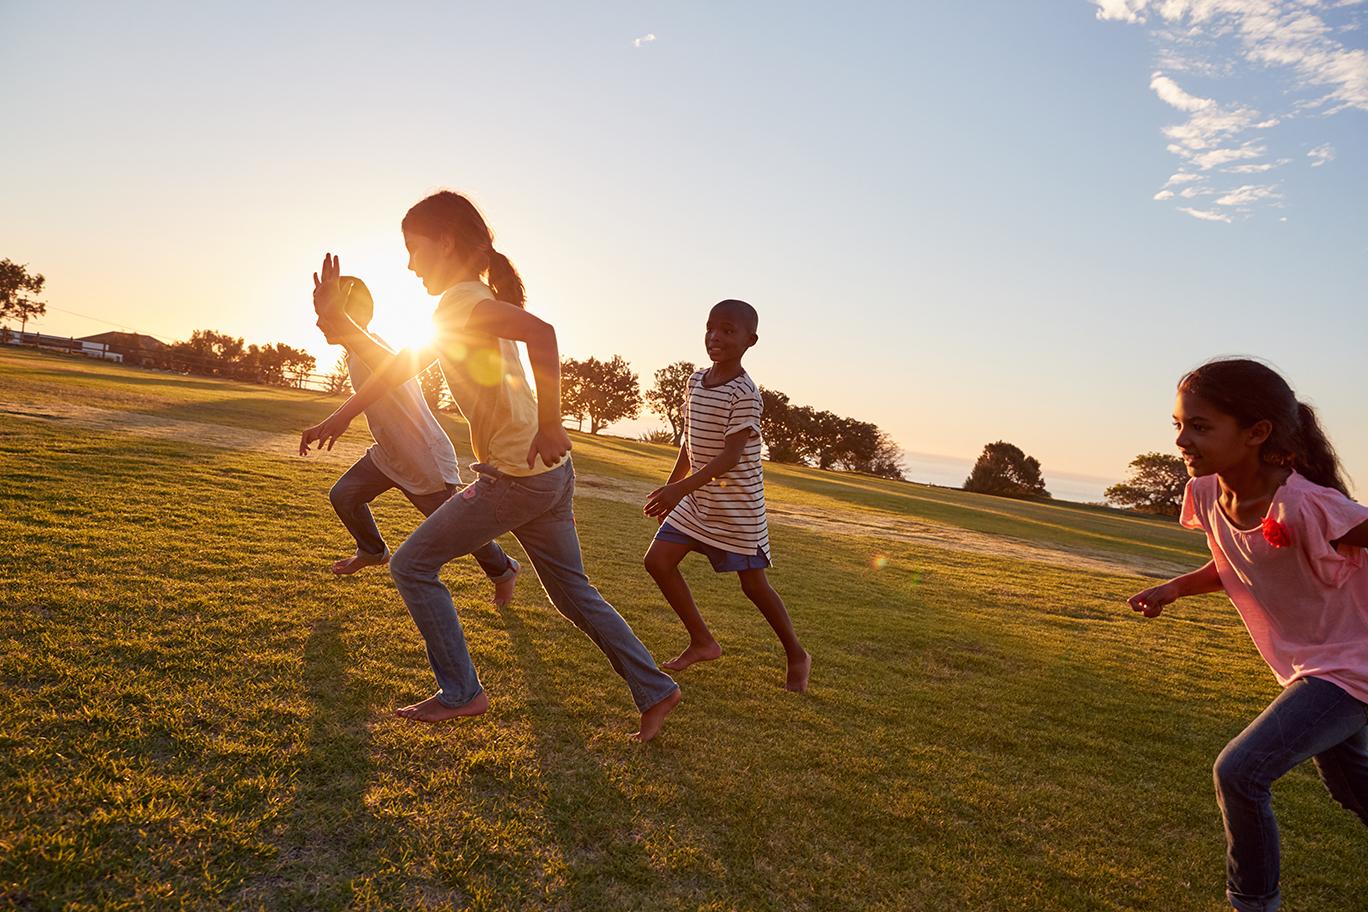 Kids running uphill